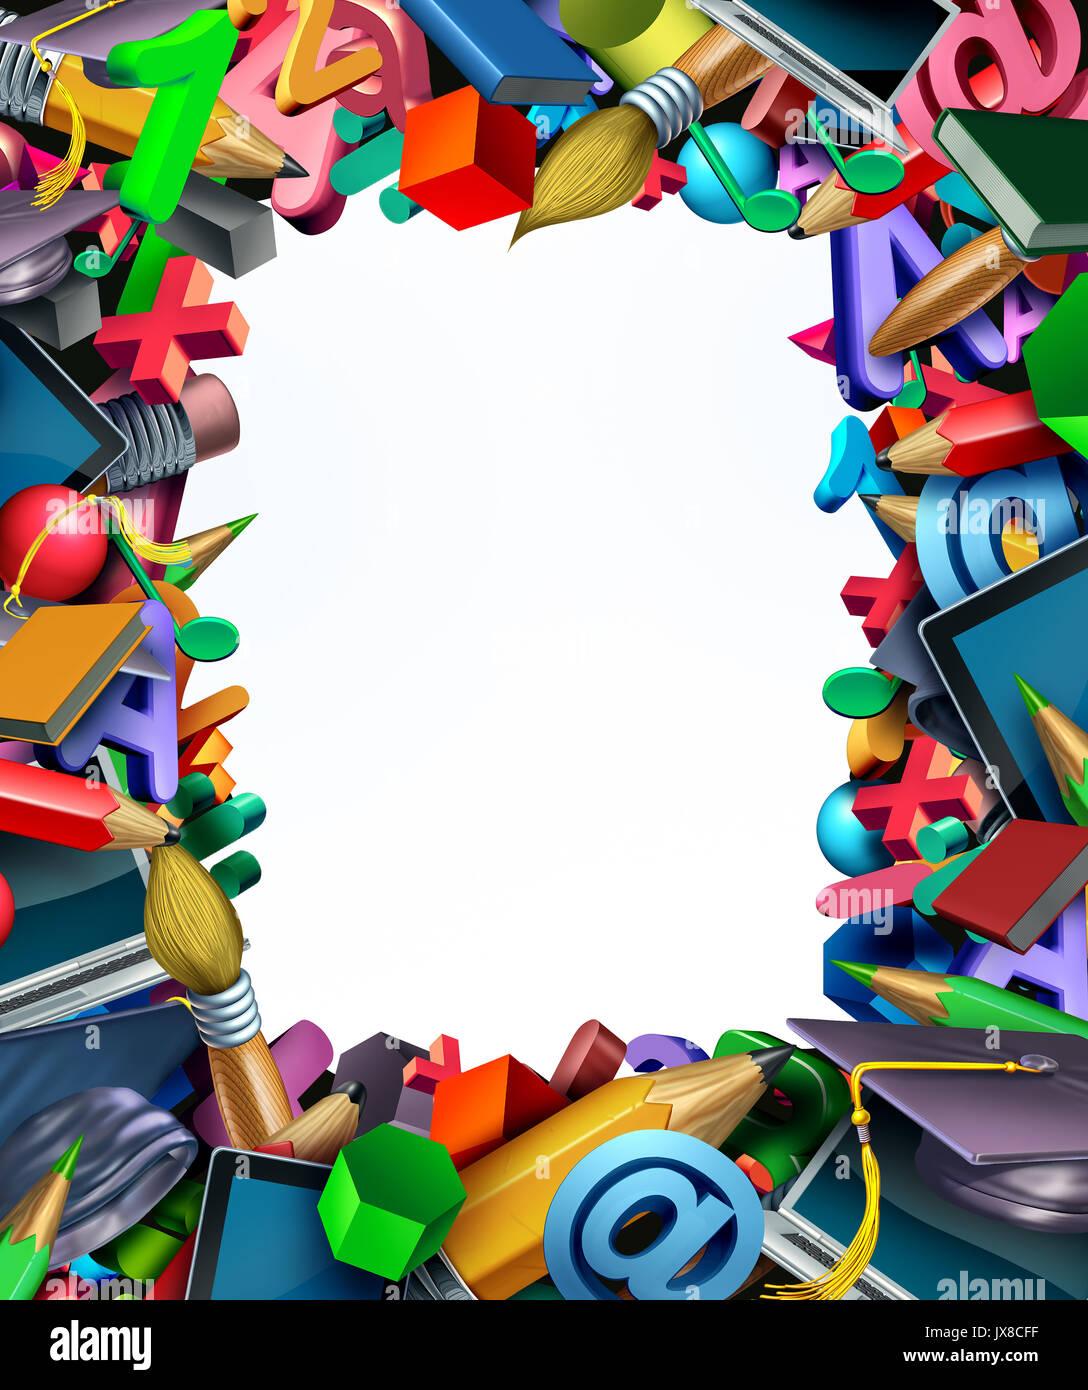 Famoso Cómo Enmarcar Los Libros Ilustración - Ideas Personalizadas ...